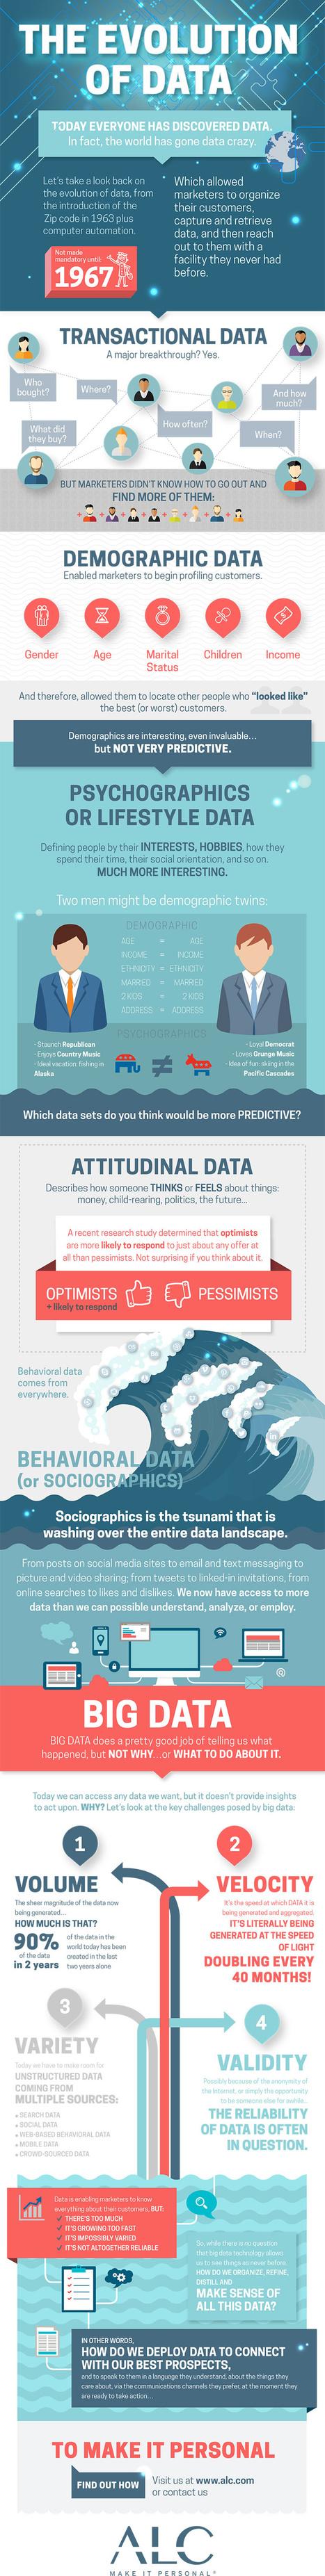 the-evolution-of-data